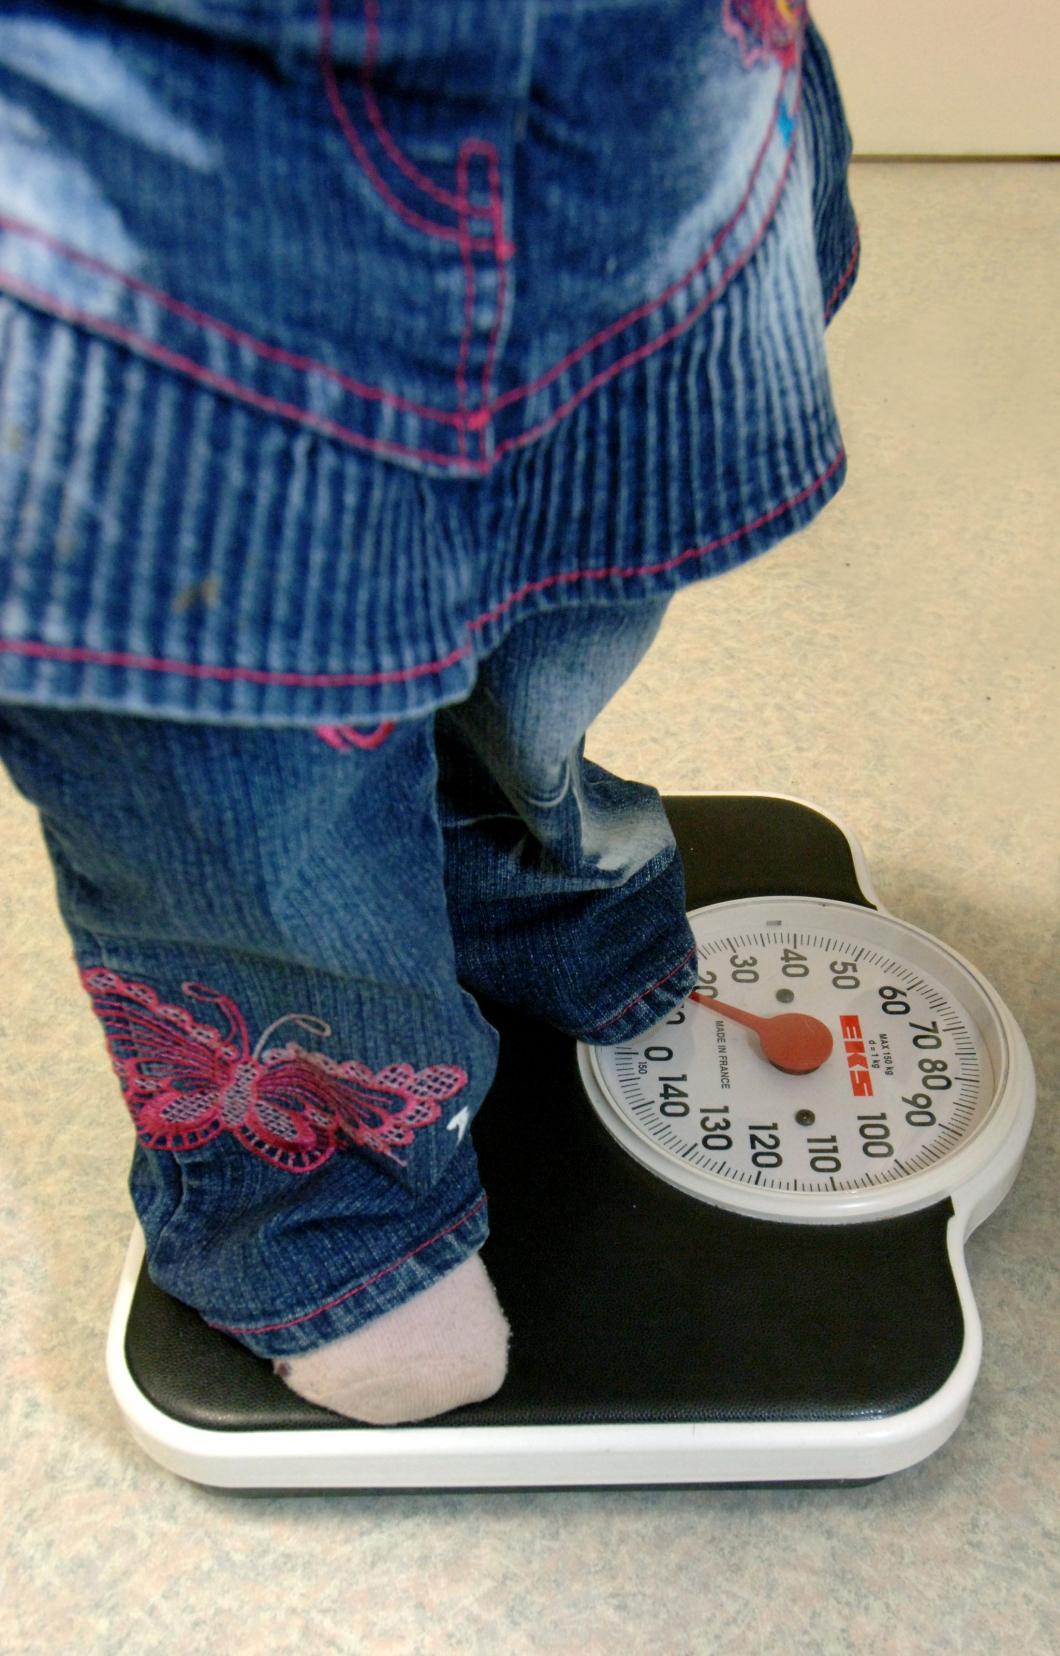 Kraftig minskning av övervikt bland förskolebarn